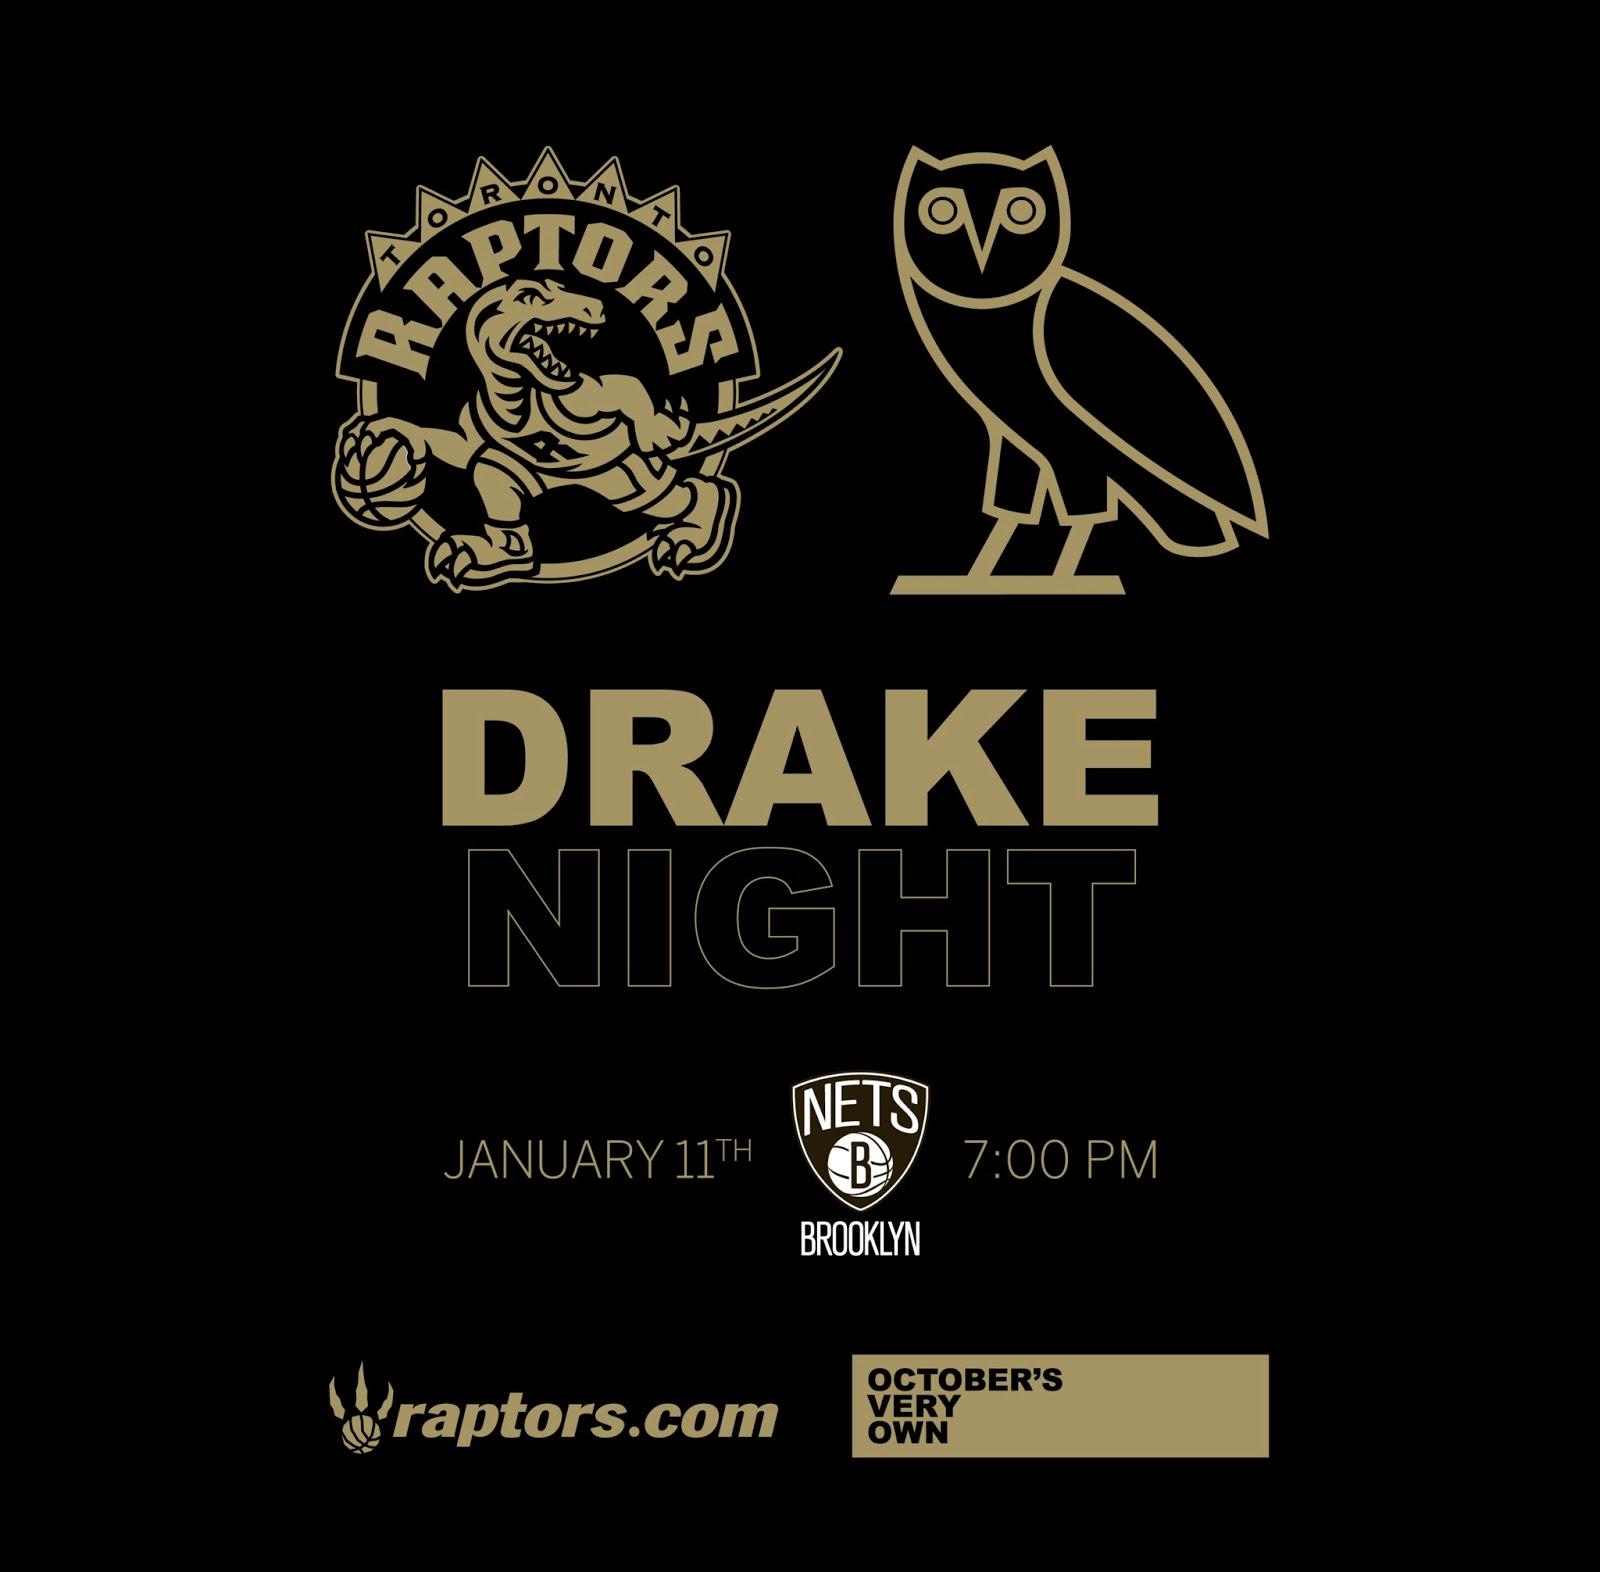 Best Wallpaper Logo Toronto Raptor - Drake+NightT+NO+LEGAL  HD_37206.tif